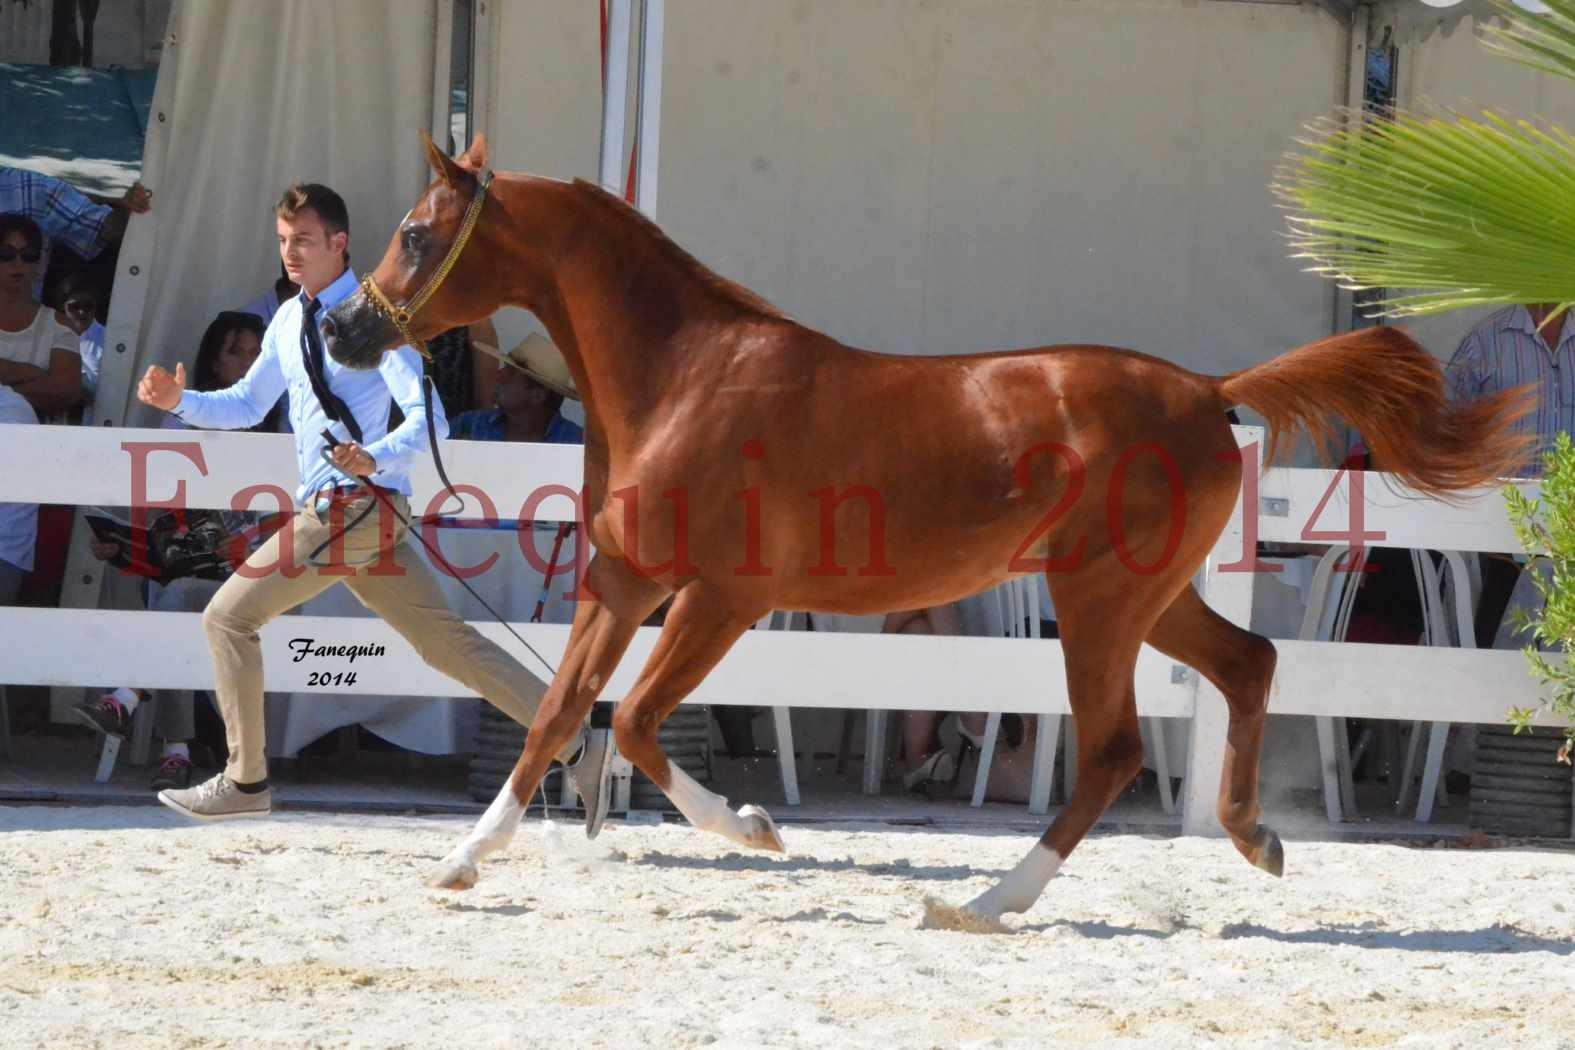 Concours National de Nîmes de chevaux ARABES 2014 - Notre Sélection - DZHARI NUNKI - 07